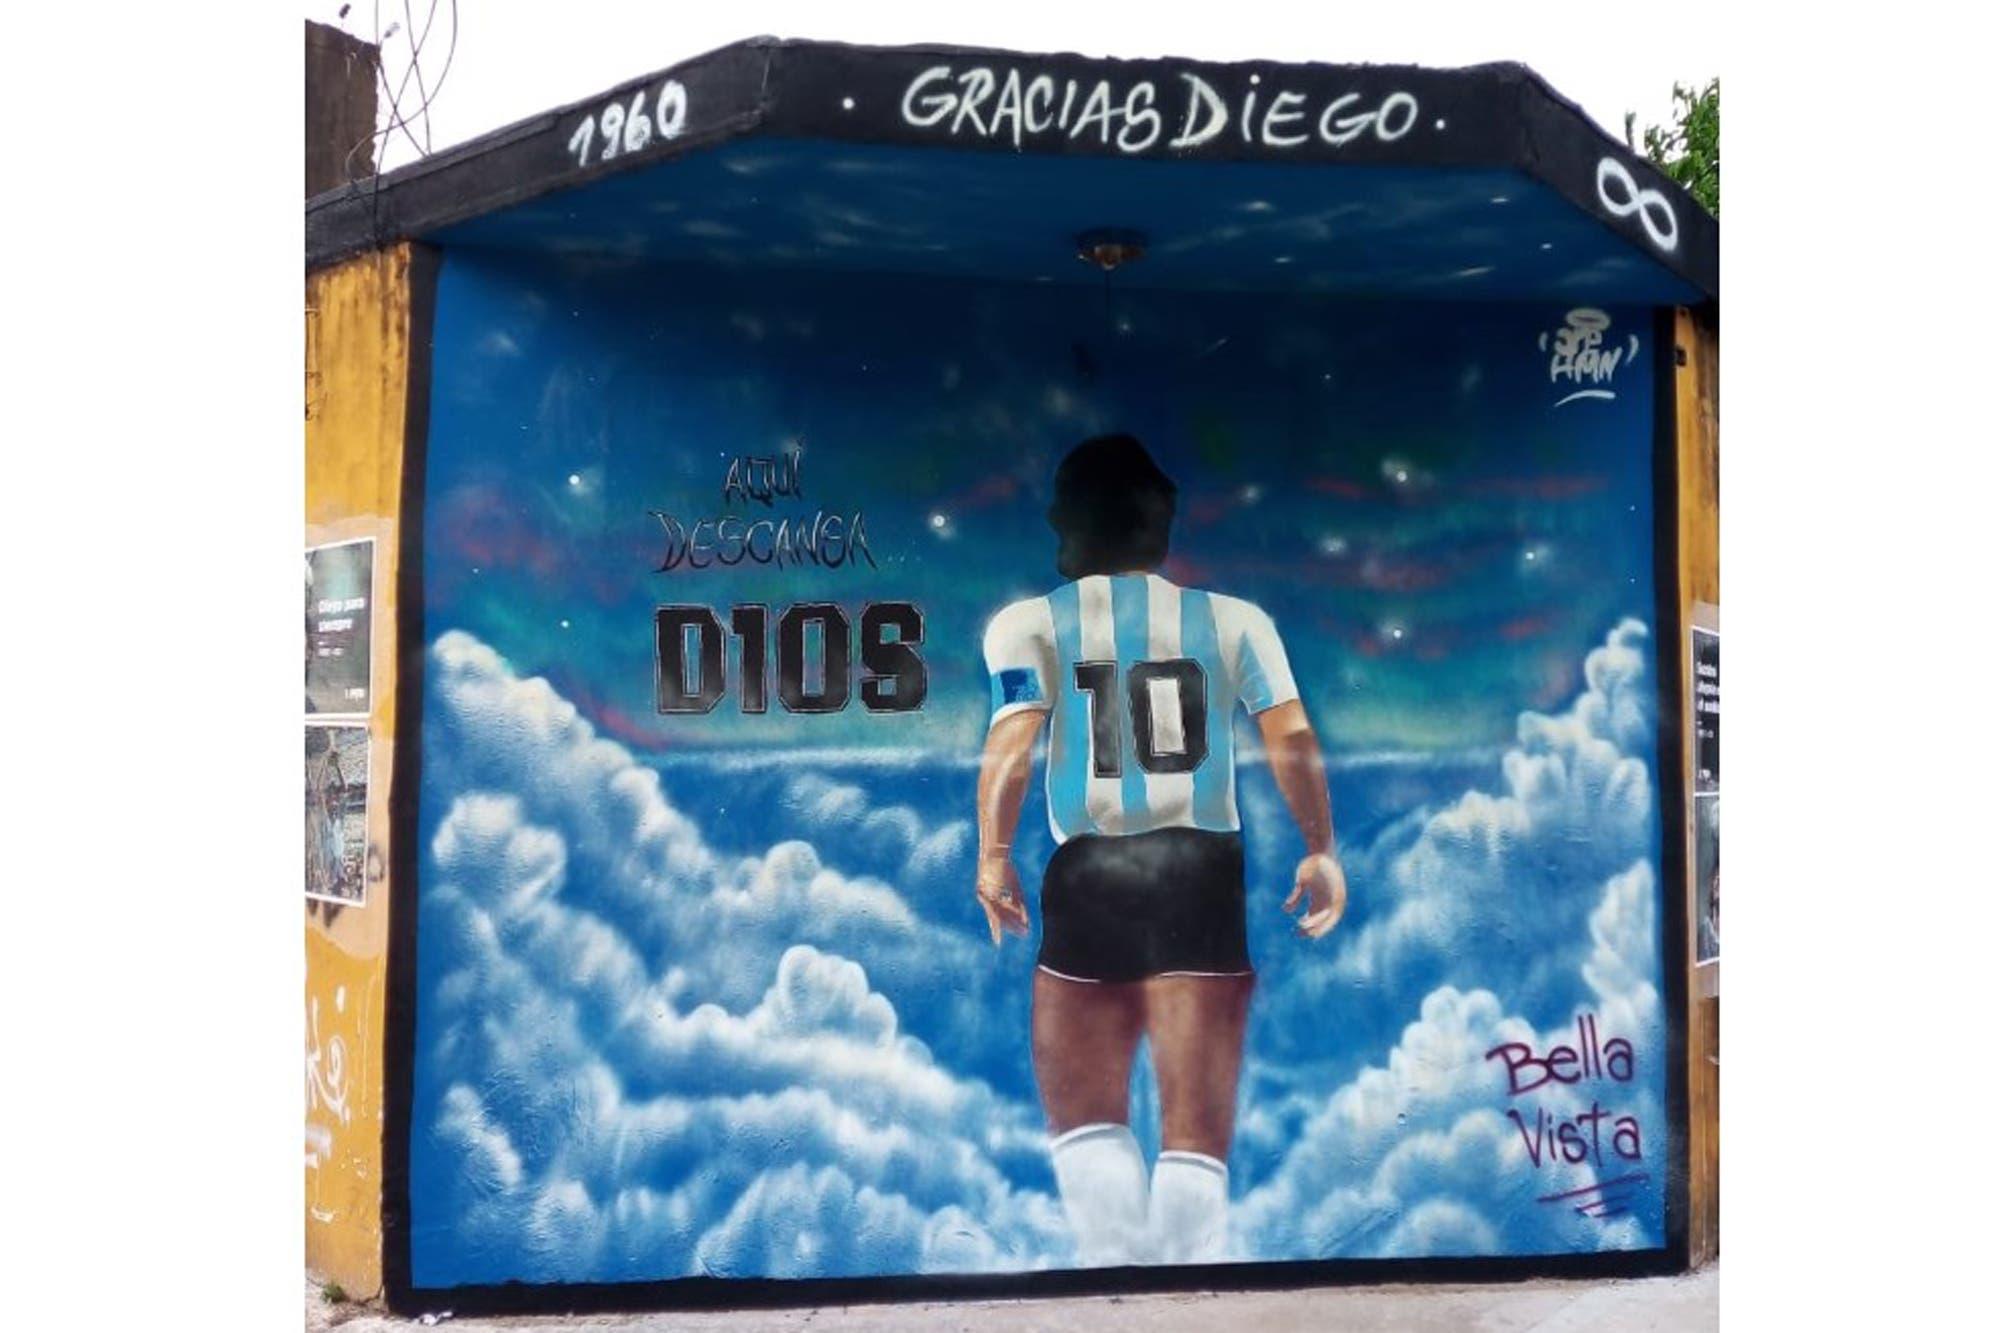 Diego Maradona. Ofrendas, murales y el truco de los que se presentan como familiares para ingresar al cementerio